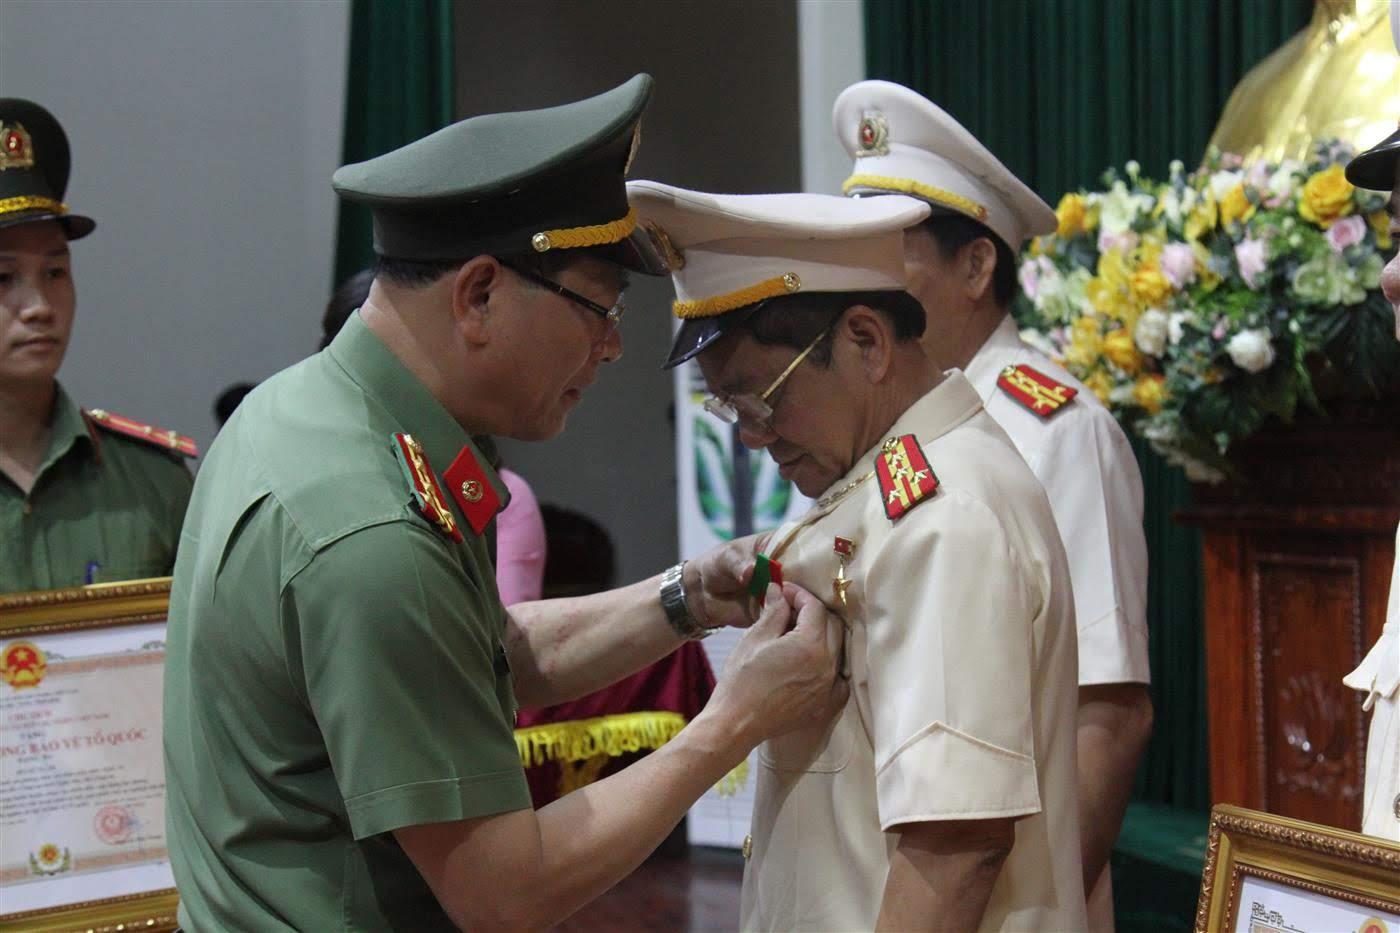 Thừa ủy quyền Chủ tịch nước, đồng chí Giám đốc Công an tỉnh trao Huân chương Bảo vệ Tổ quốc hạng 3 cho Đại tá Hồ Sỹ Tuấn, Phó Giám đốc Công an tỉnh